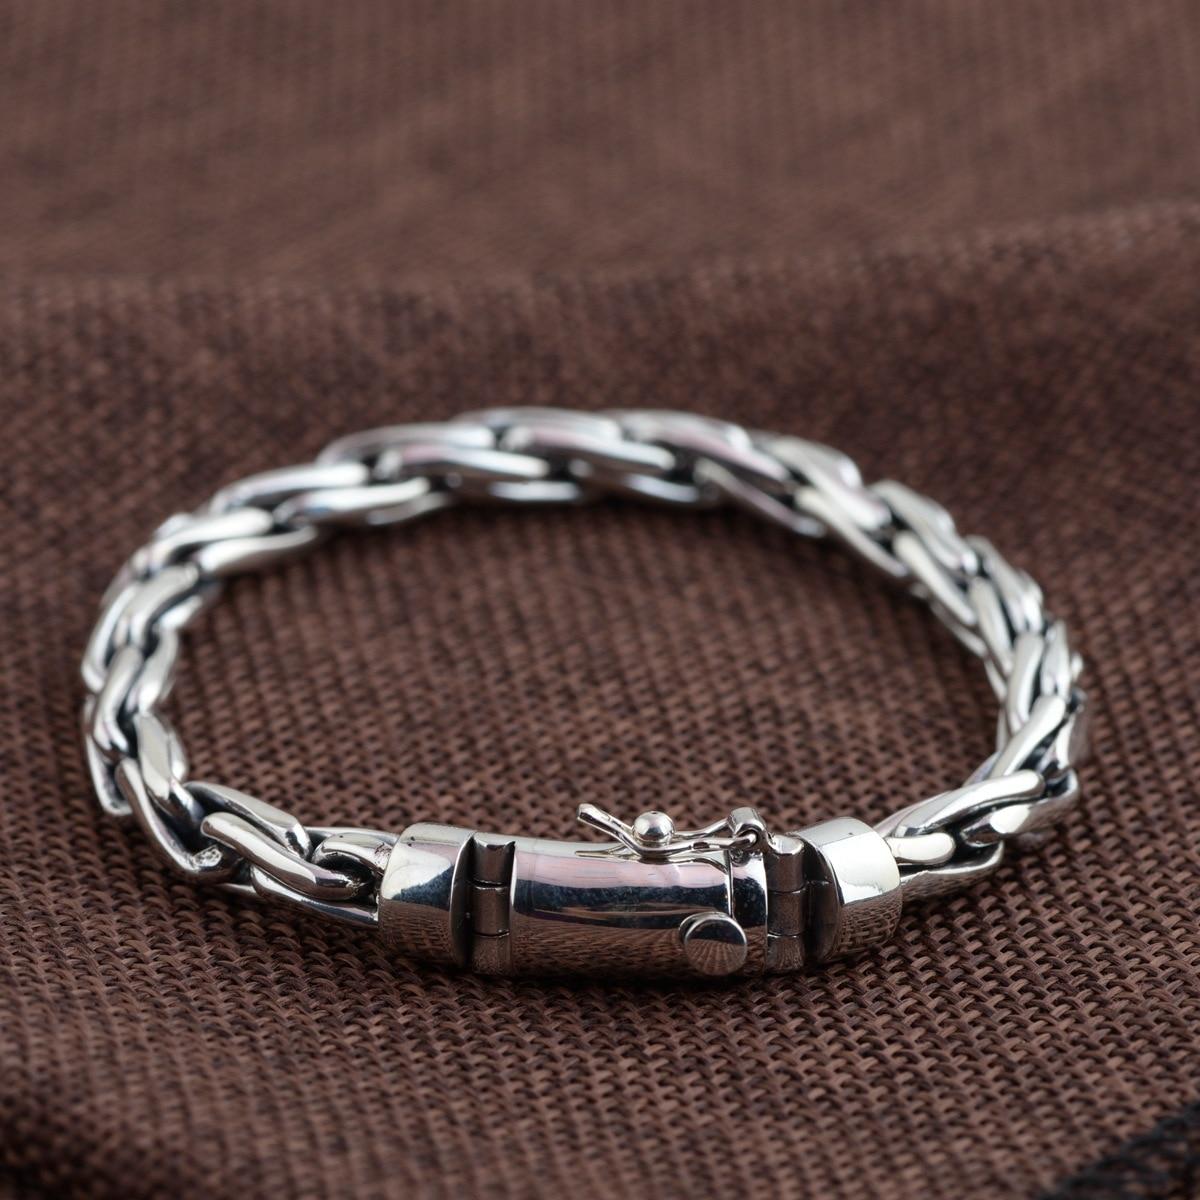 925 sterling argent bracelet tissé à la main personnalité de la mode hommes bracelet